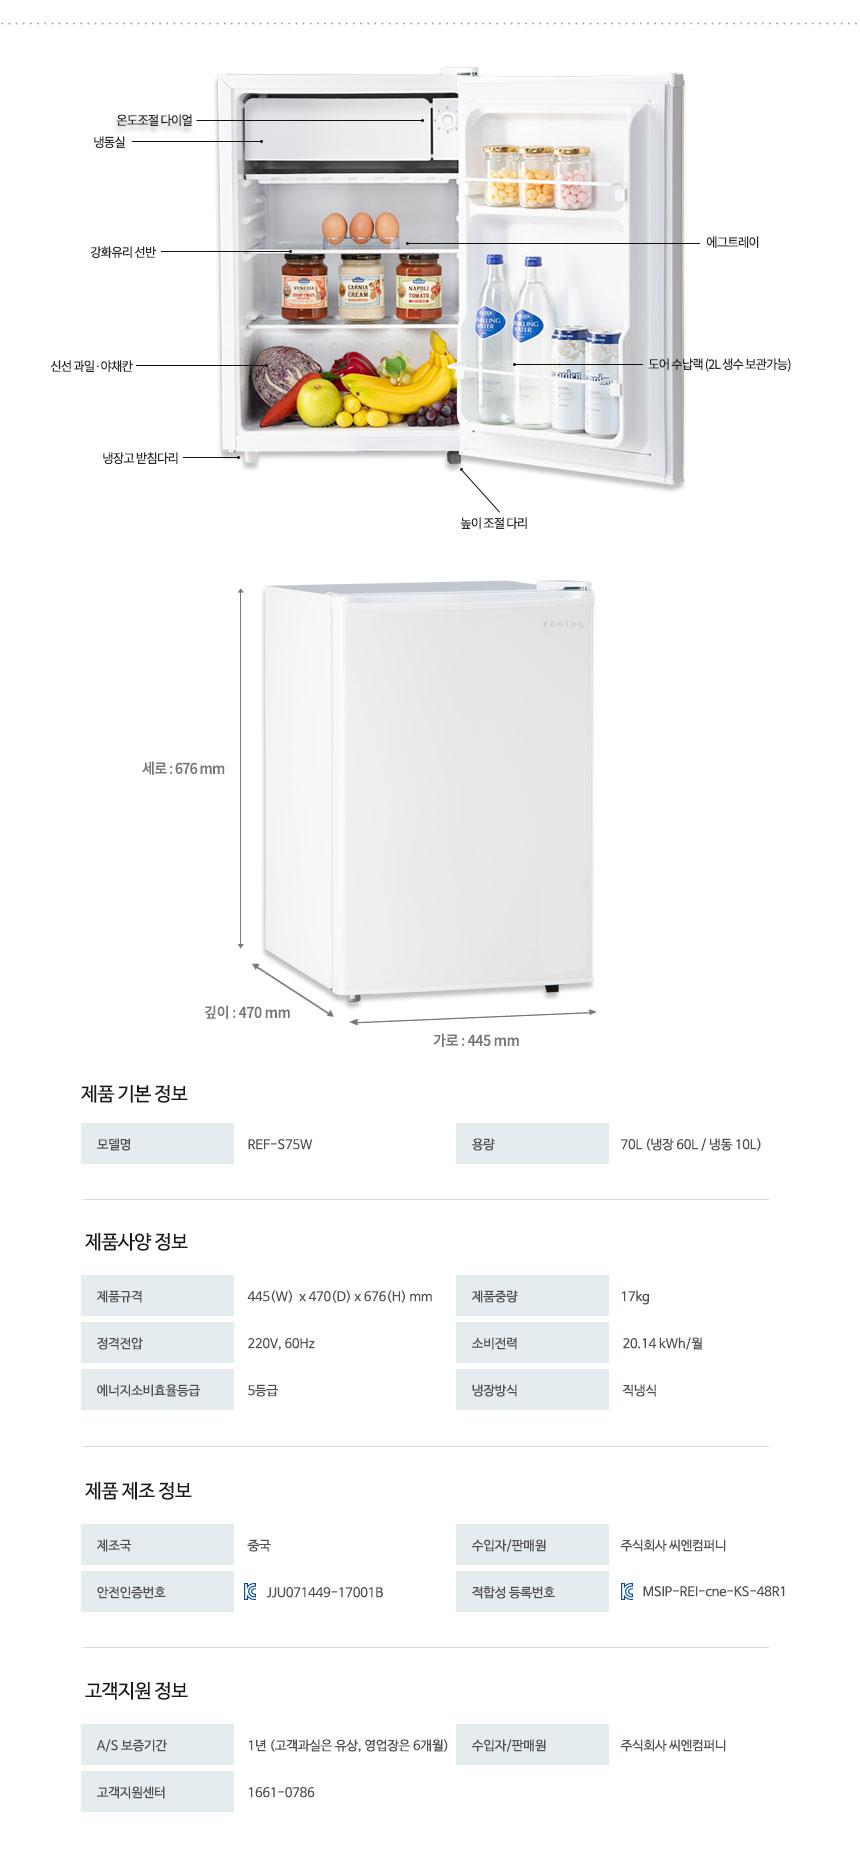 상세페이지 5, REF-S75W 제품사양